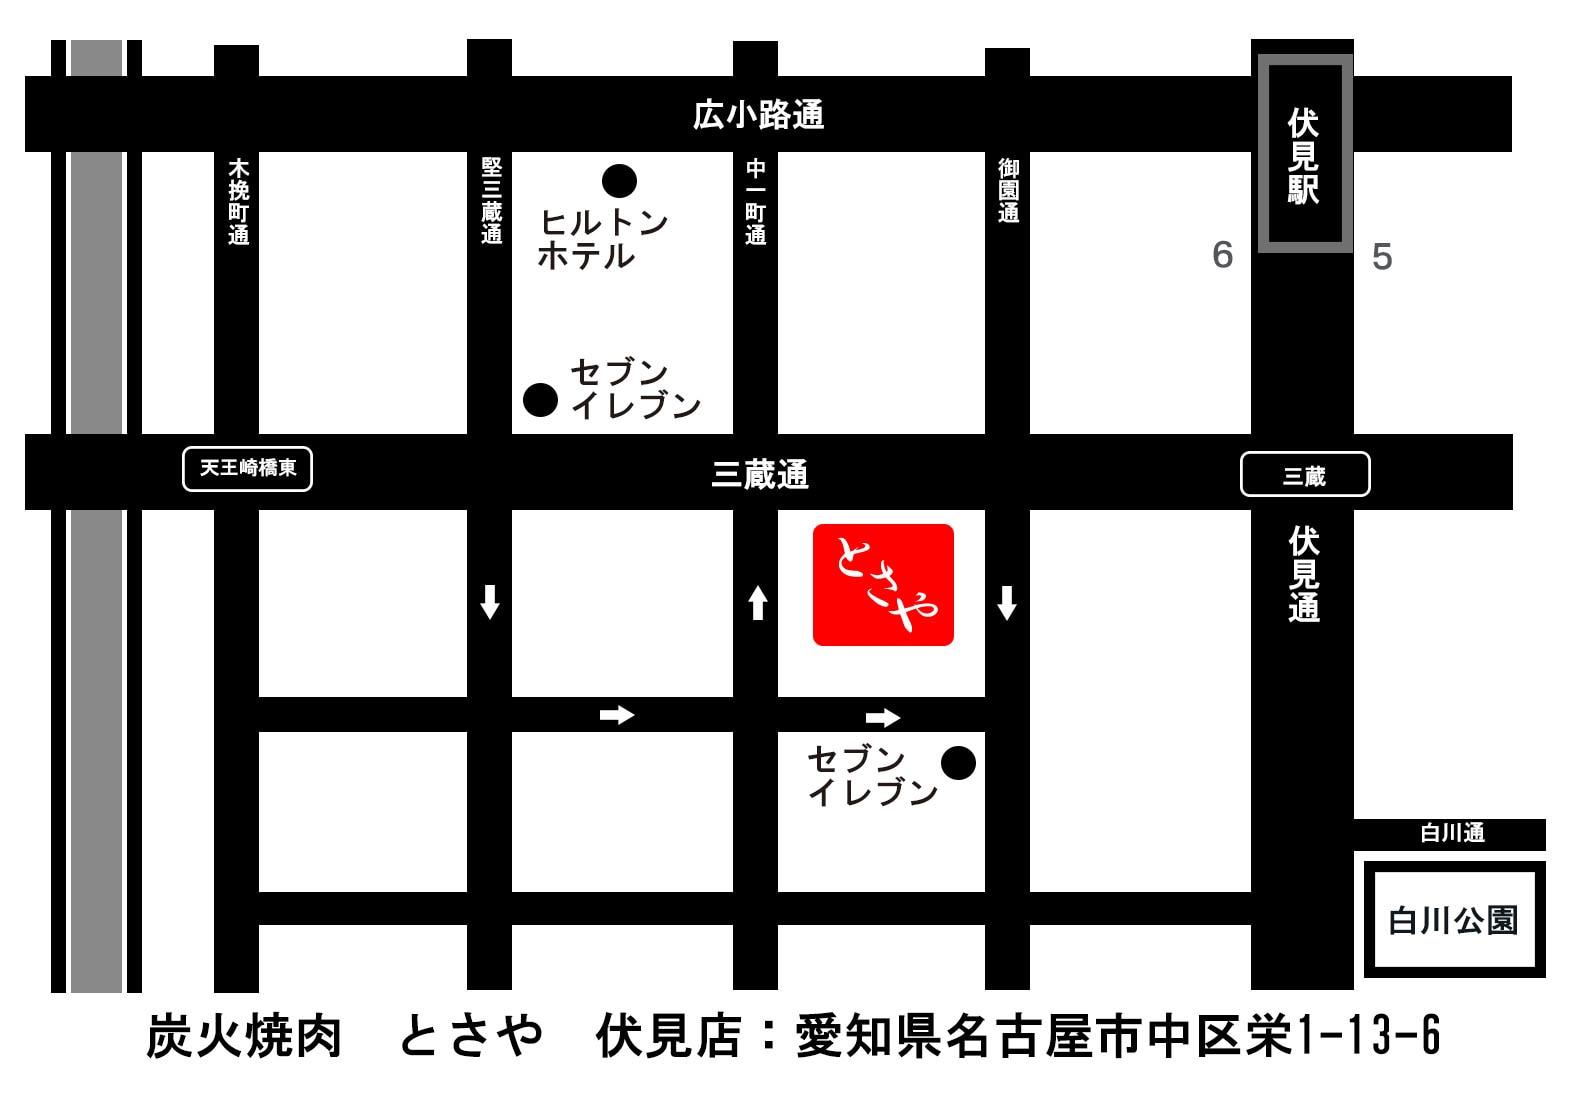 名古屋 焼肉 炭火焼肉とさや 伏見店 名古屋で焼肉ならとさや 黒毛和牛1頭買いの老舗